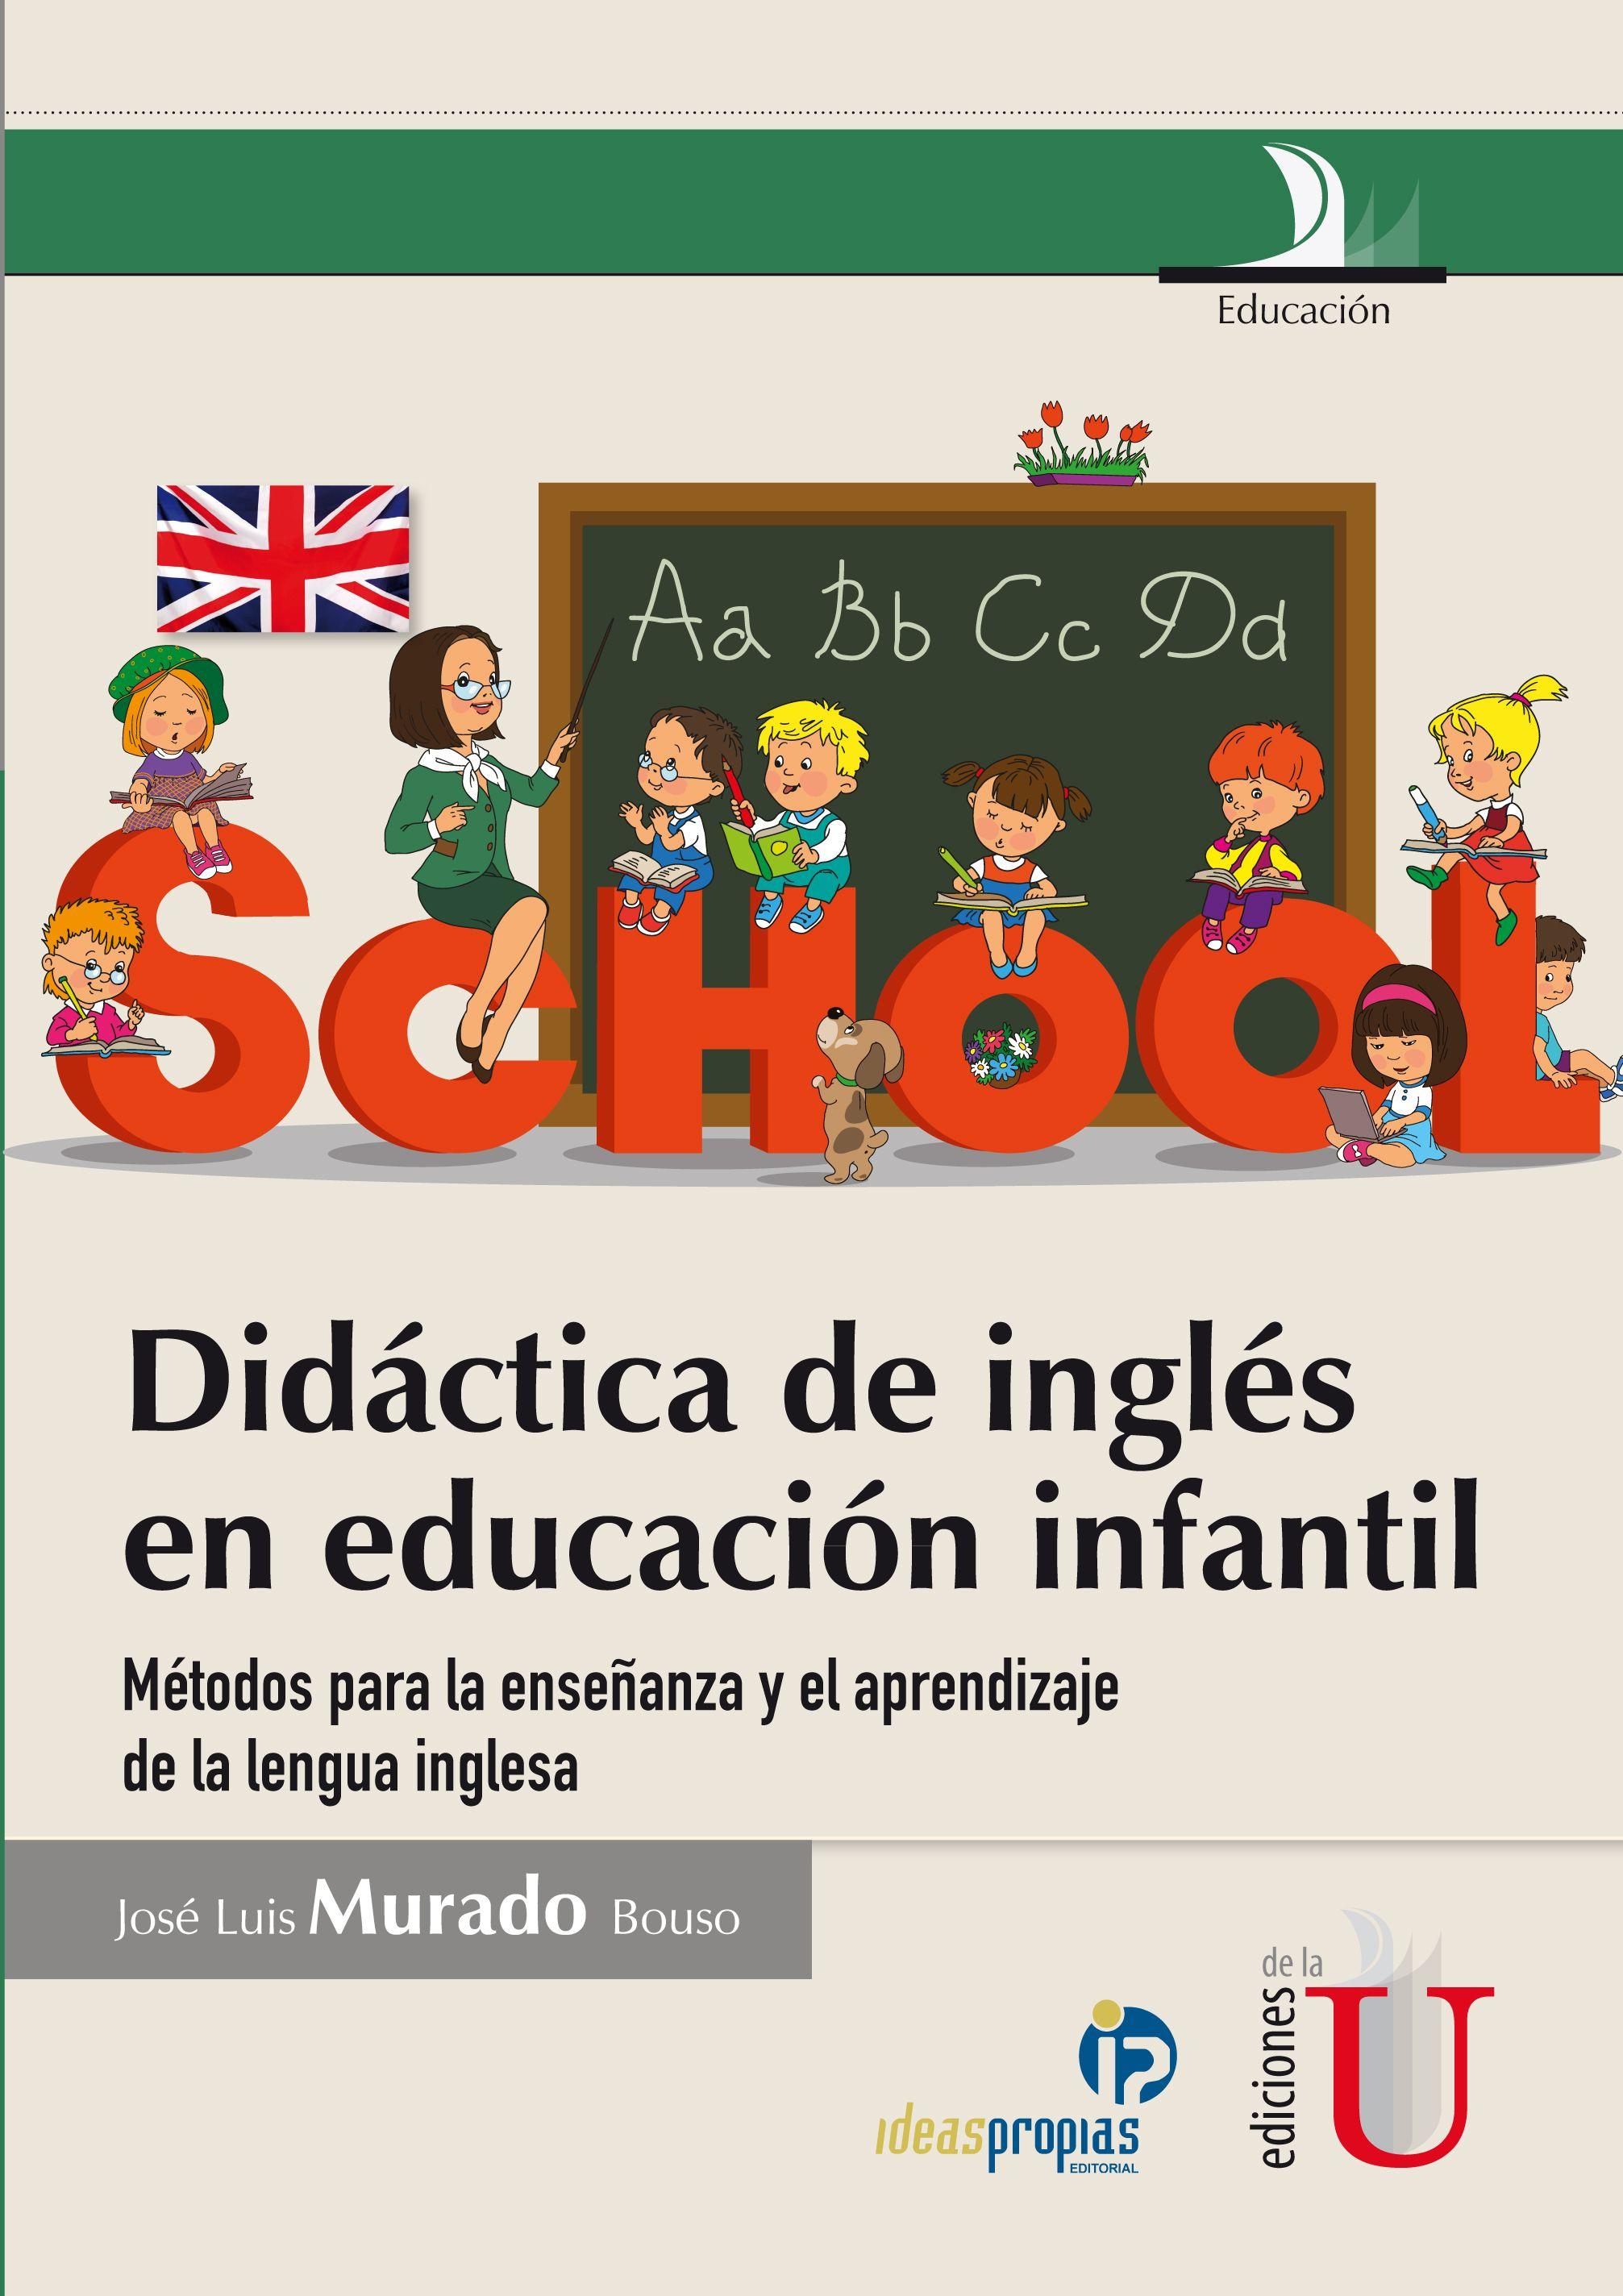 Didactica De Ingles En Educacion Infantil Metodos Para La Ensenanza Y El Aprendizaje De La